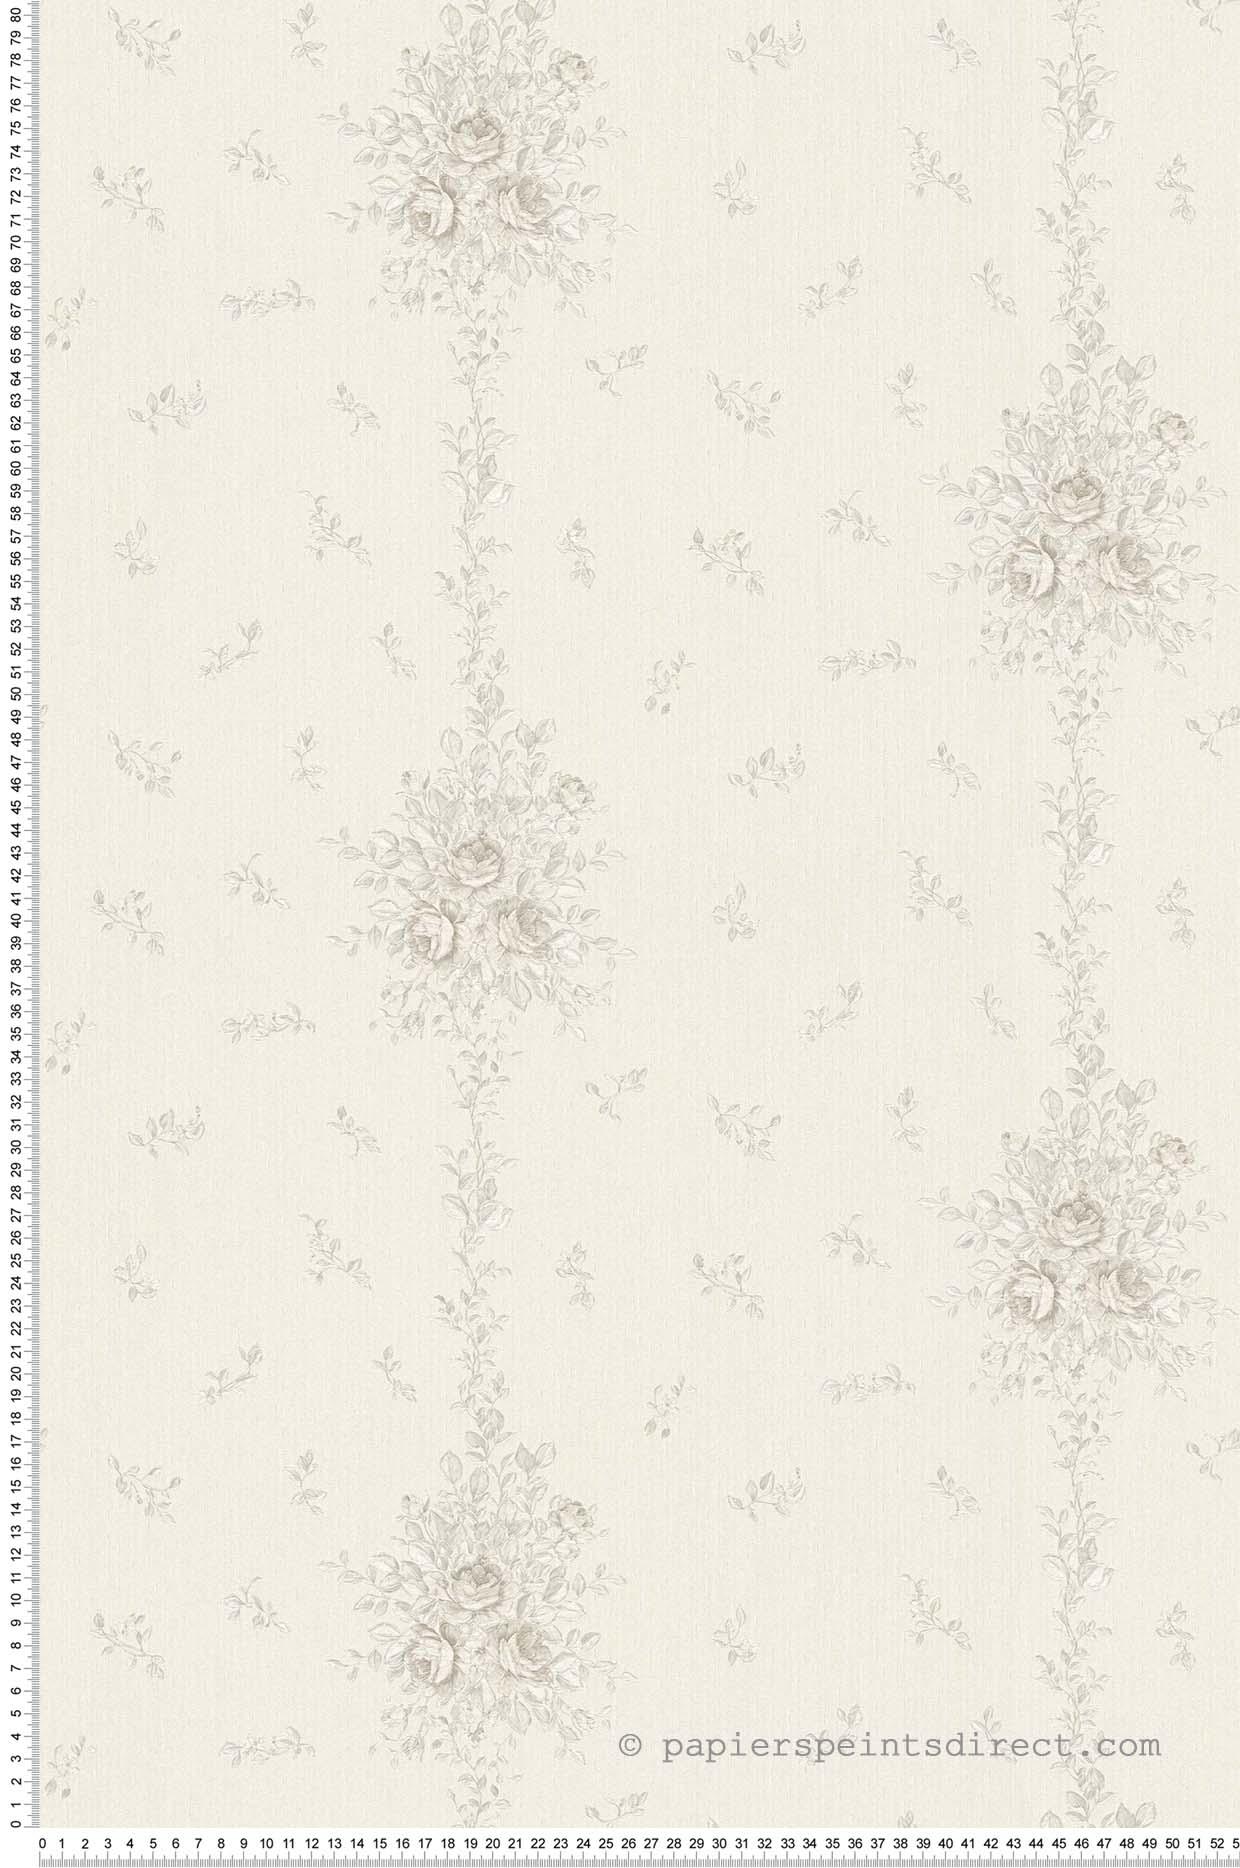 Papier peint Liane Chantilly argent - Château 5 AS Création | Réf. SP04239